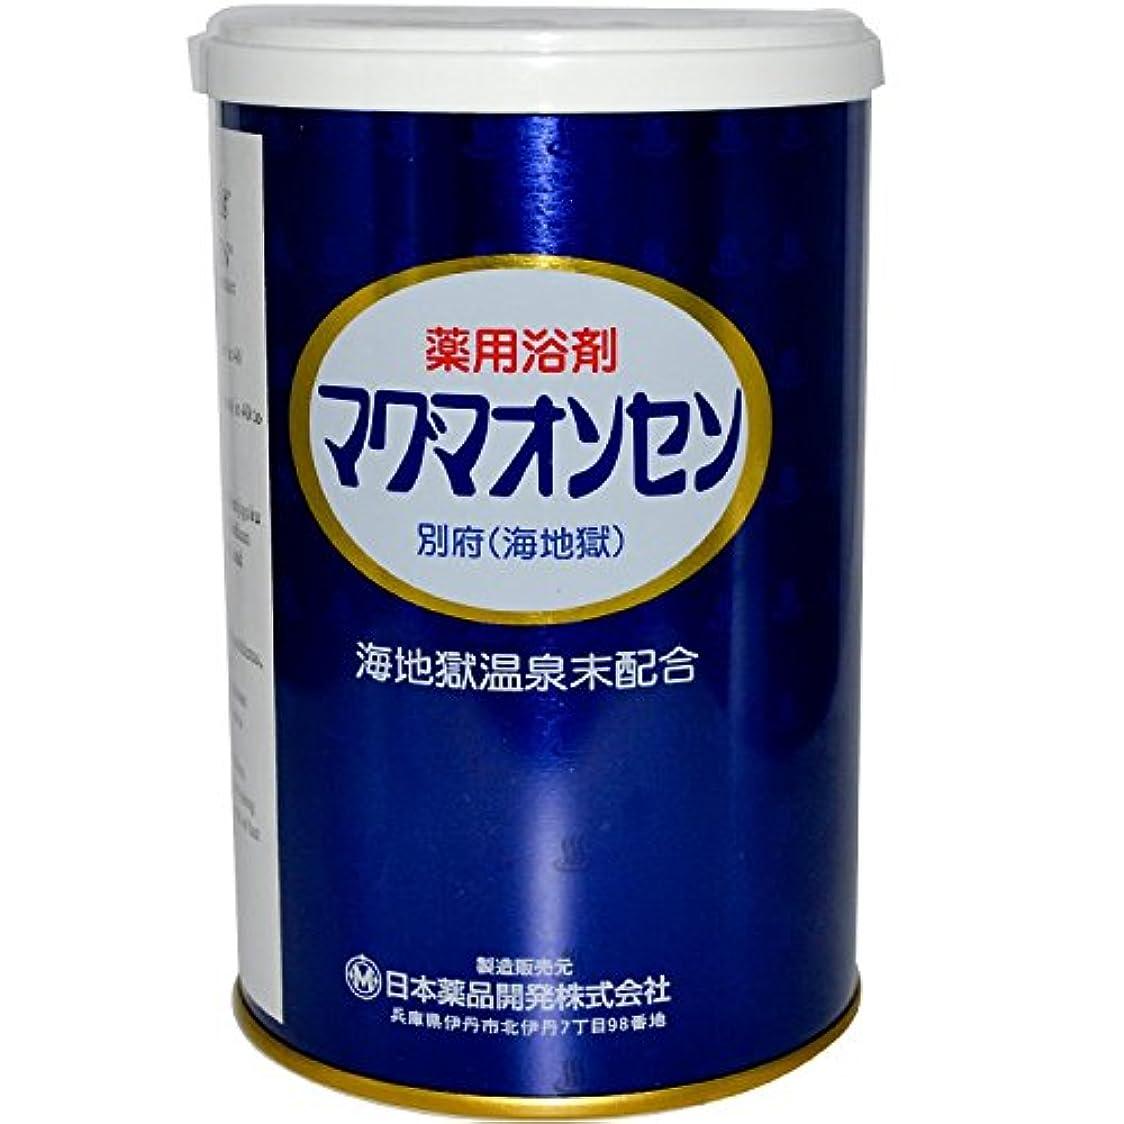 引き算聖人おなじみの薬用浴剤マグマオンセン別府(海地獄)500gx4個